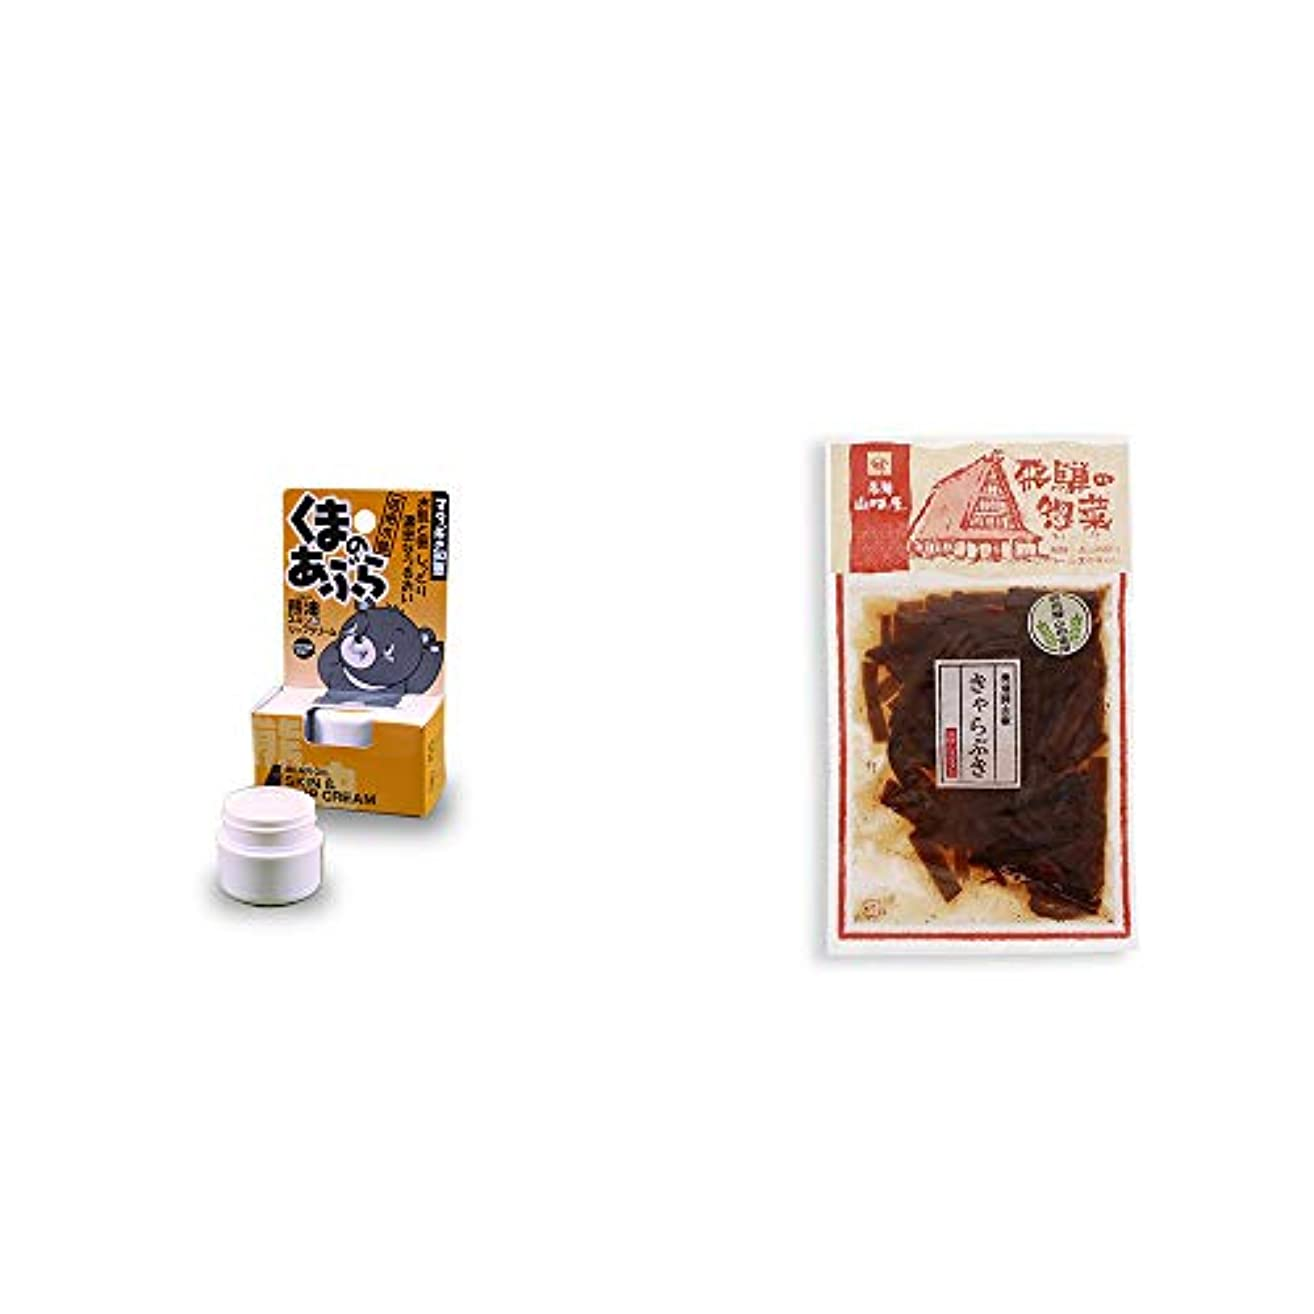 連続した暗いキネマティクス[2点セット] 信州木曽 くまのあぶら 熊油スキン&リップクリーム(9g)?飛騨山味屋 奥飛騨山椒きゃらぶき(120g)